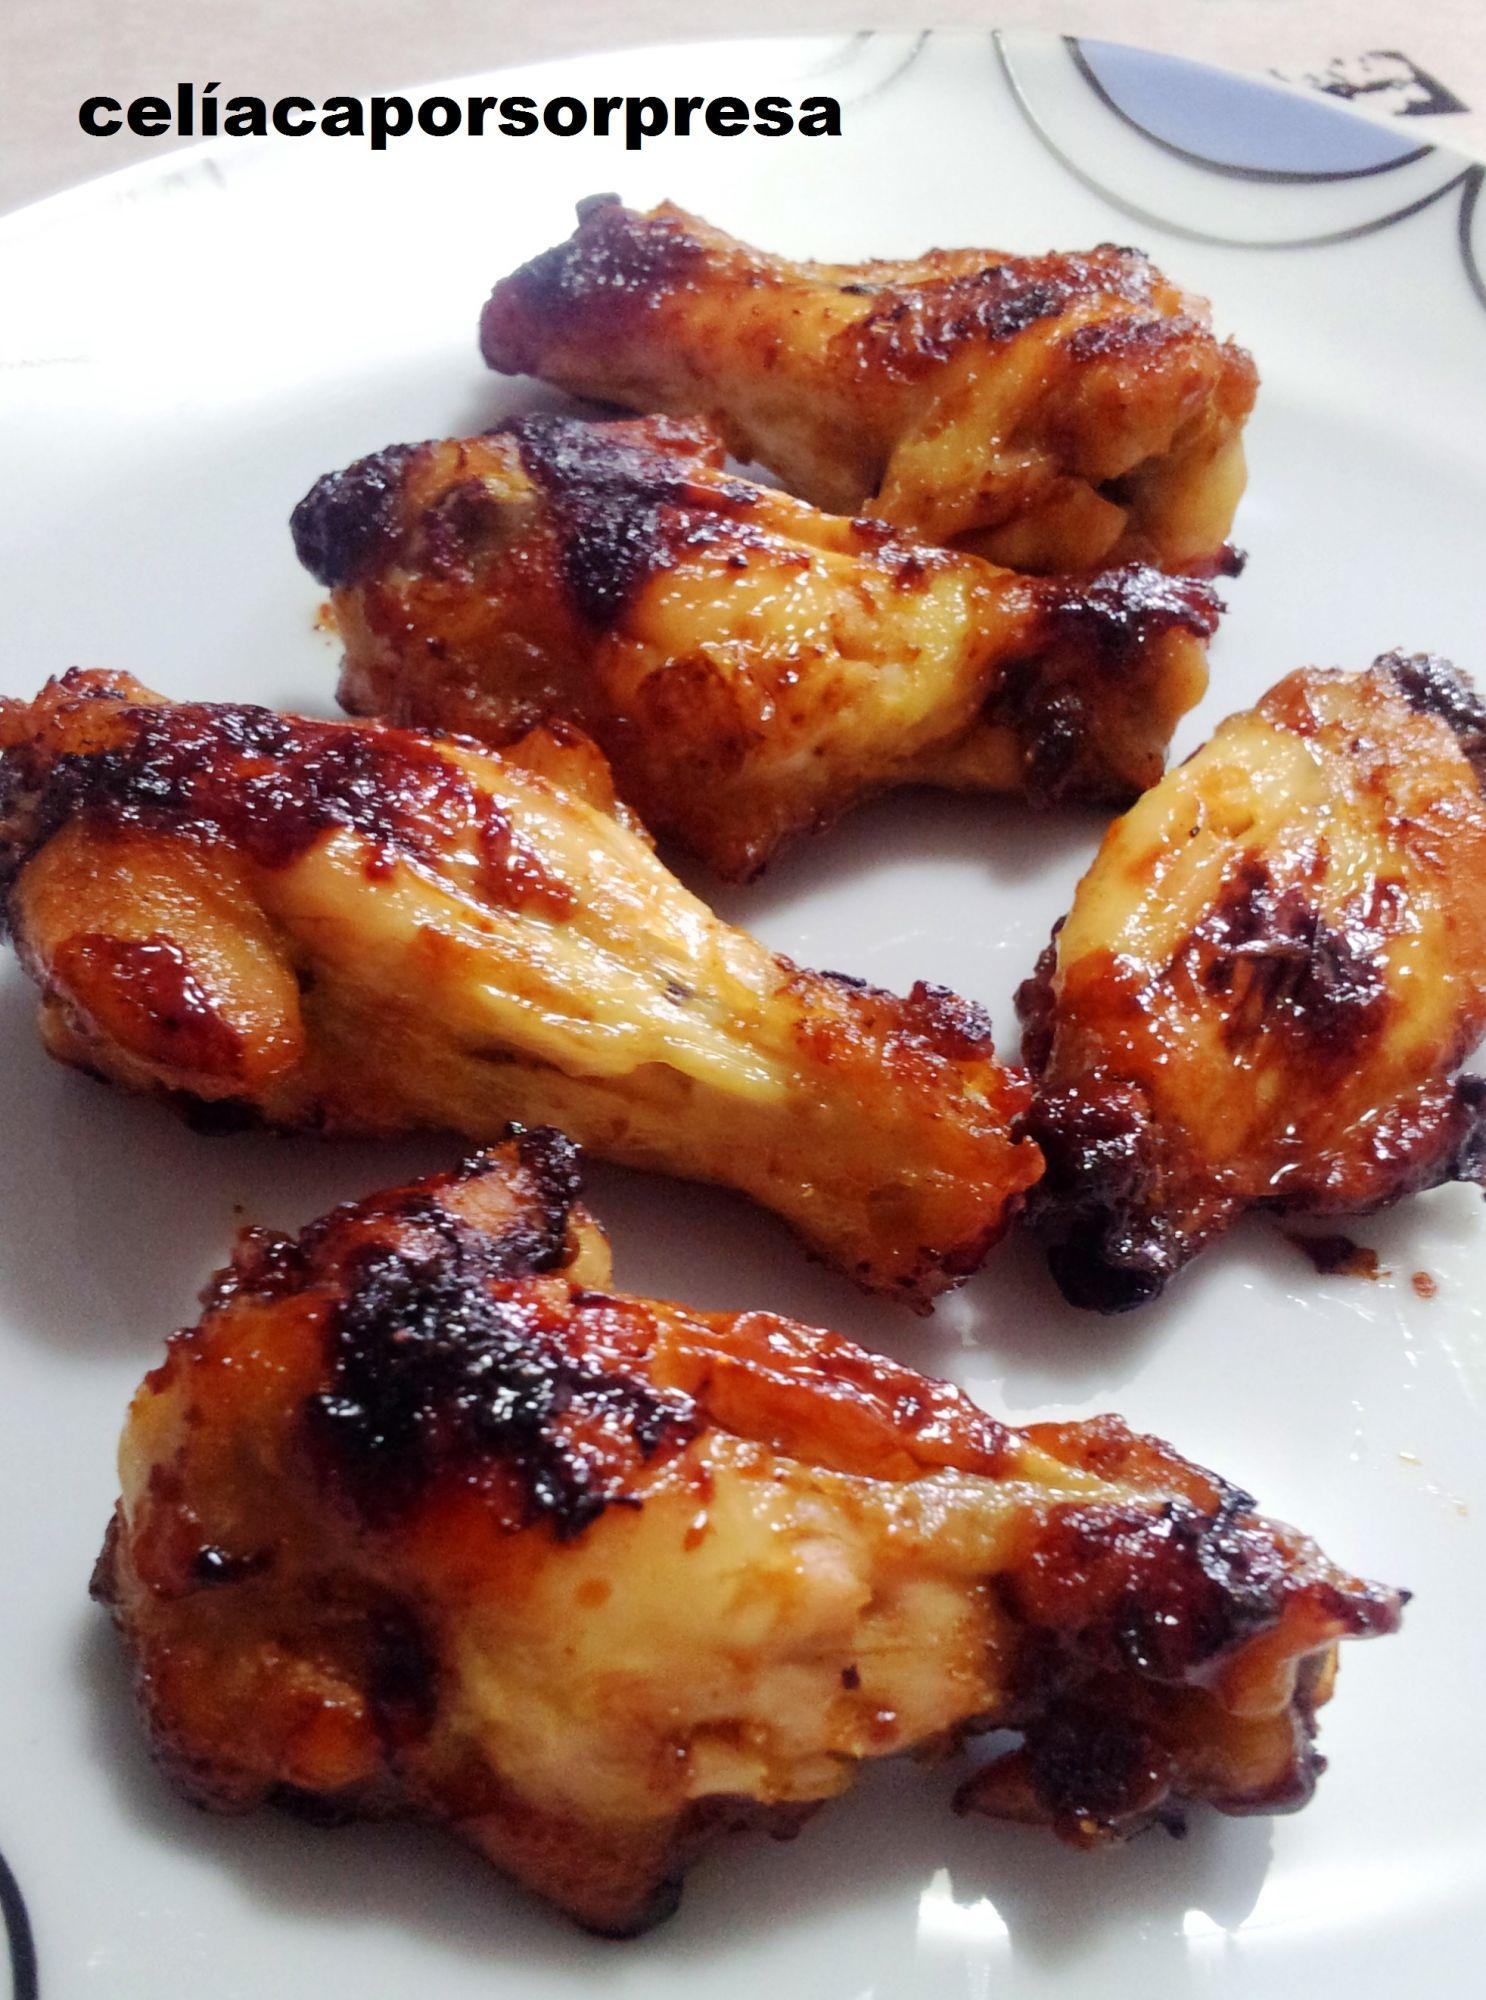 Alitas de pollo con miel y mostaza al horno 4 1 5 - Adobo de alitas de pollo ...